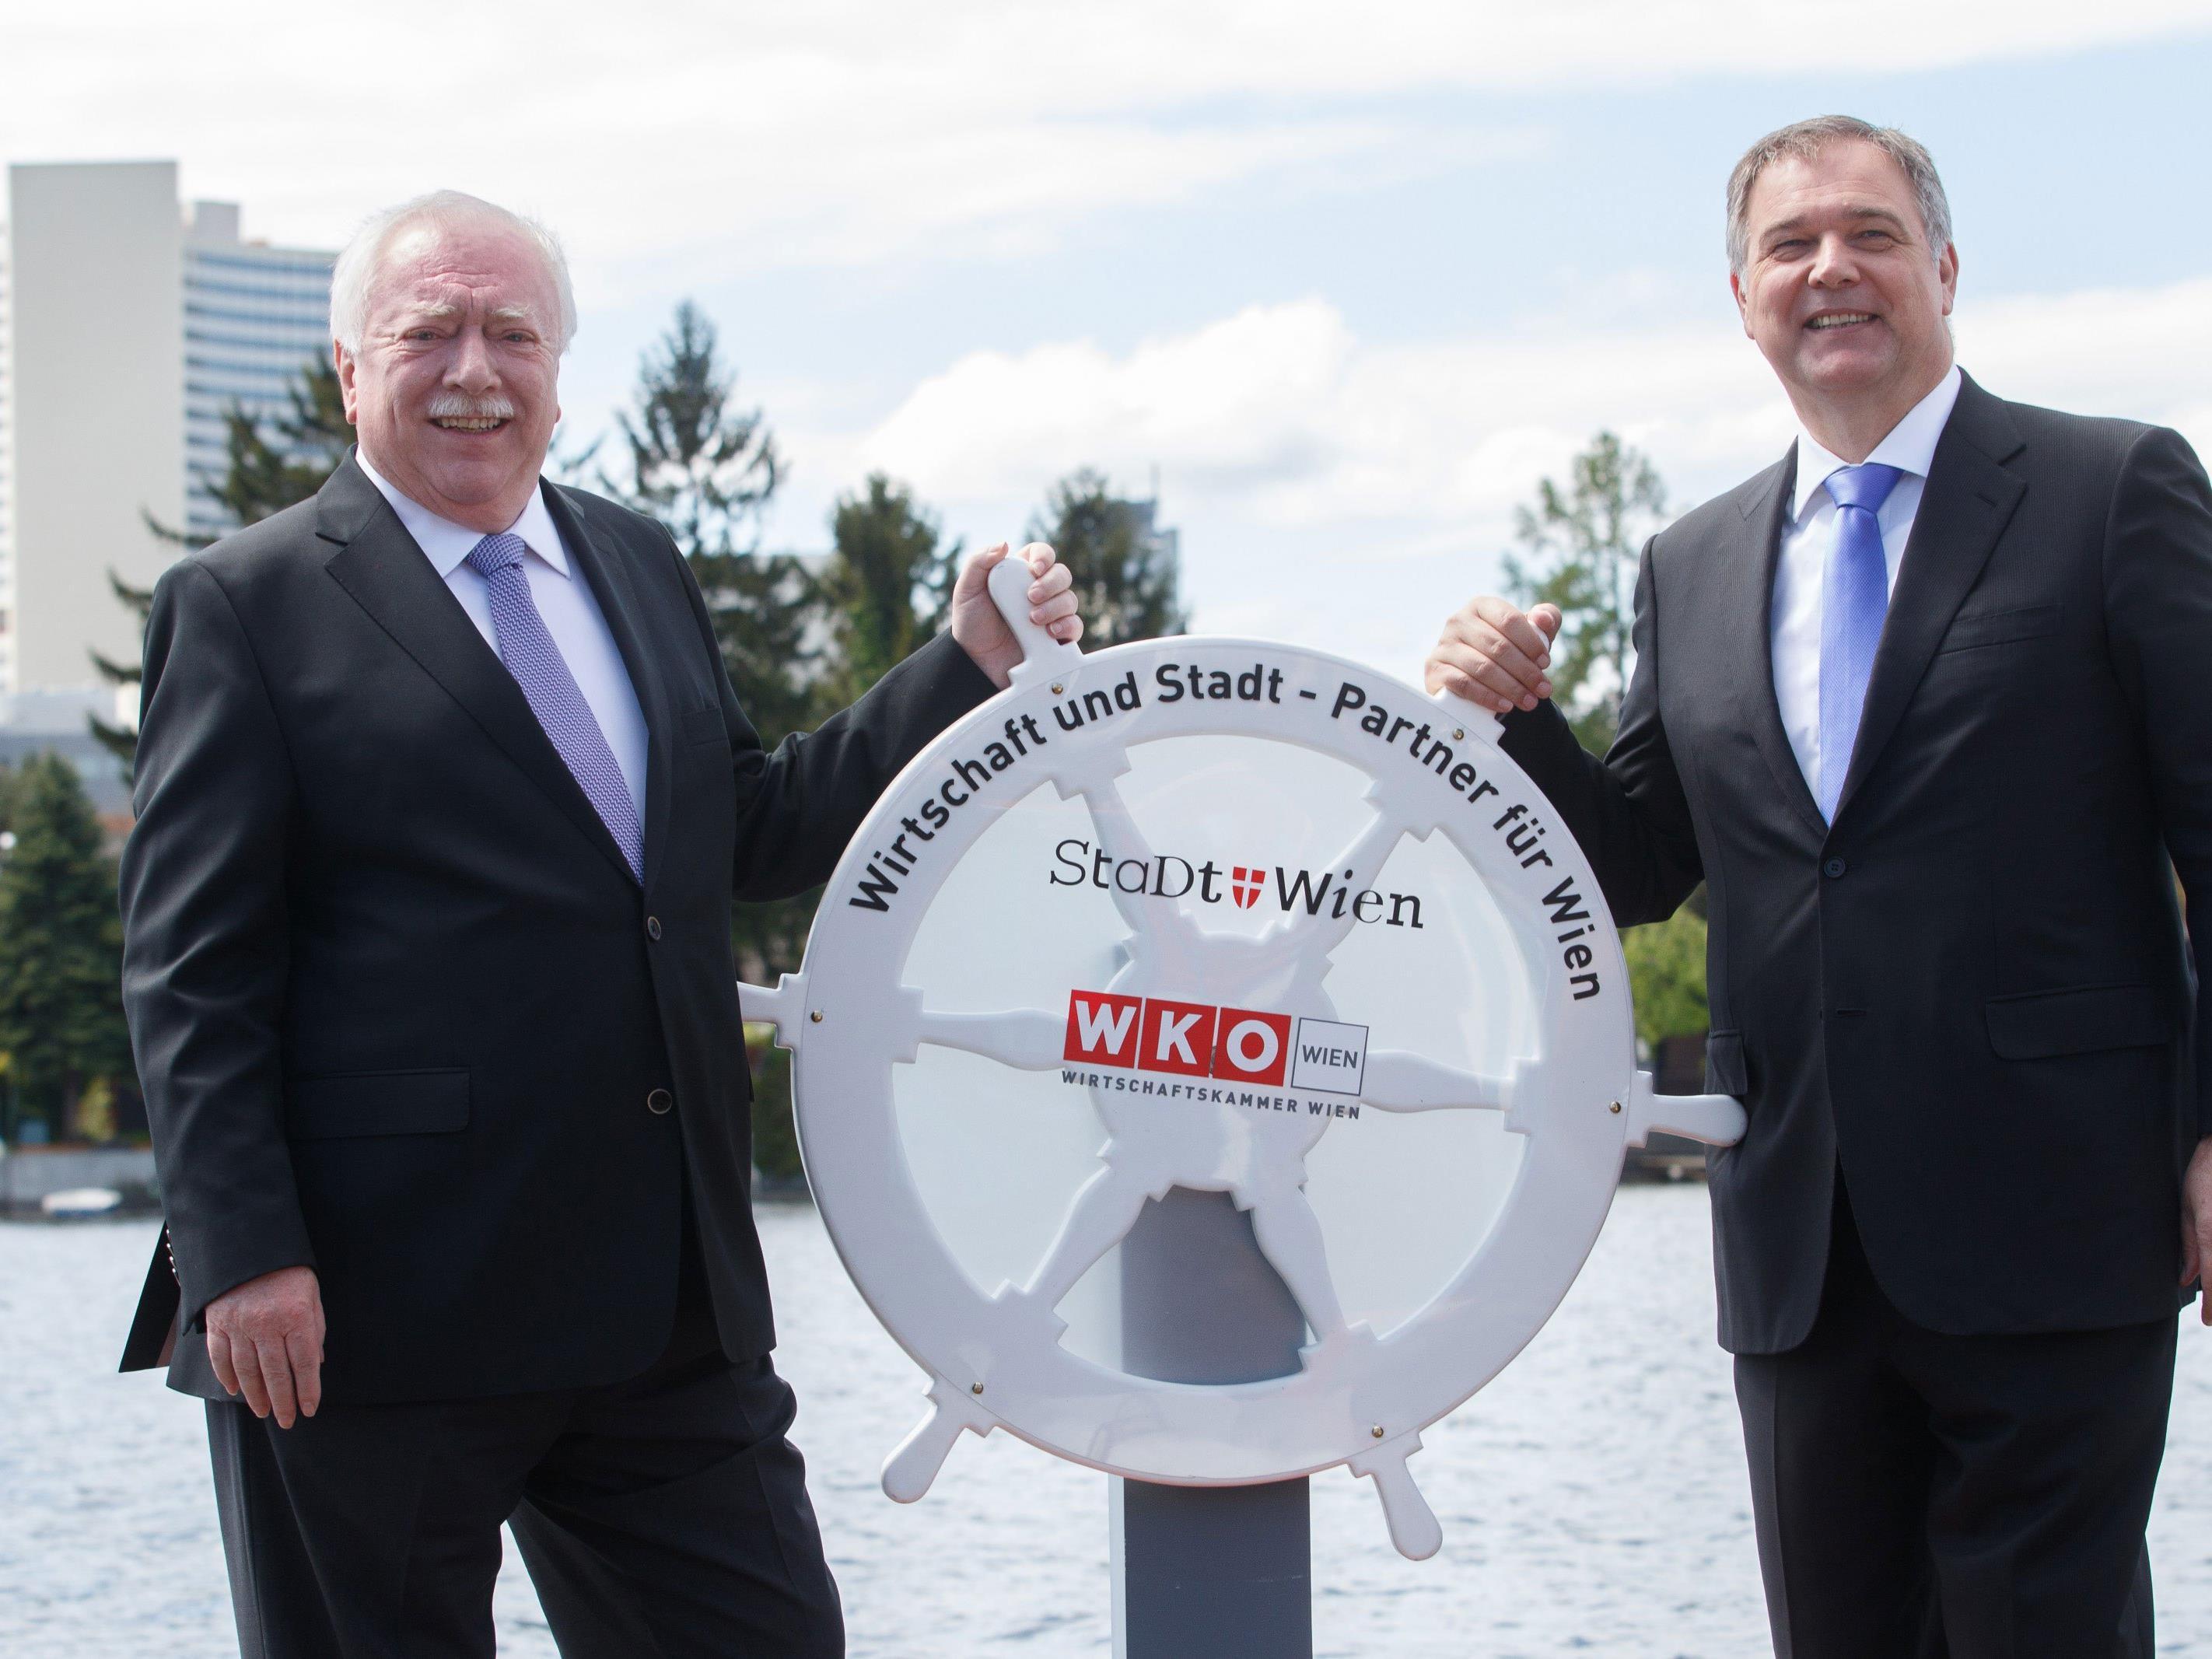 Wirtschaftskammer Wien - Präsident Walter Ruck (r.) und Bürgermeister Michael Häupl eröffnen die Saison an der Alten Donau